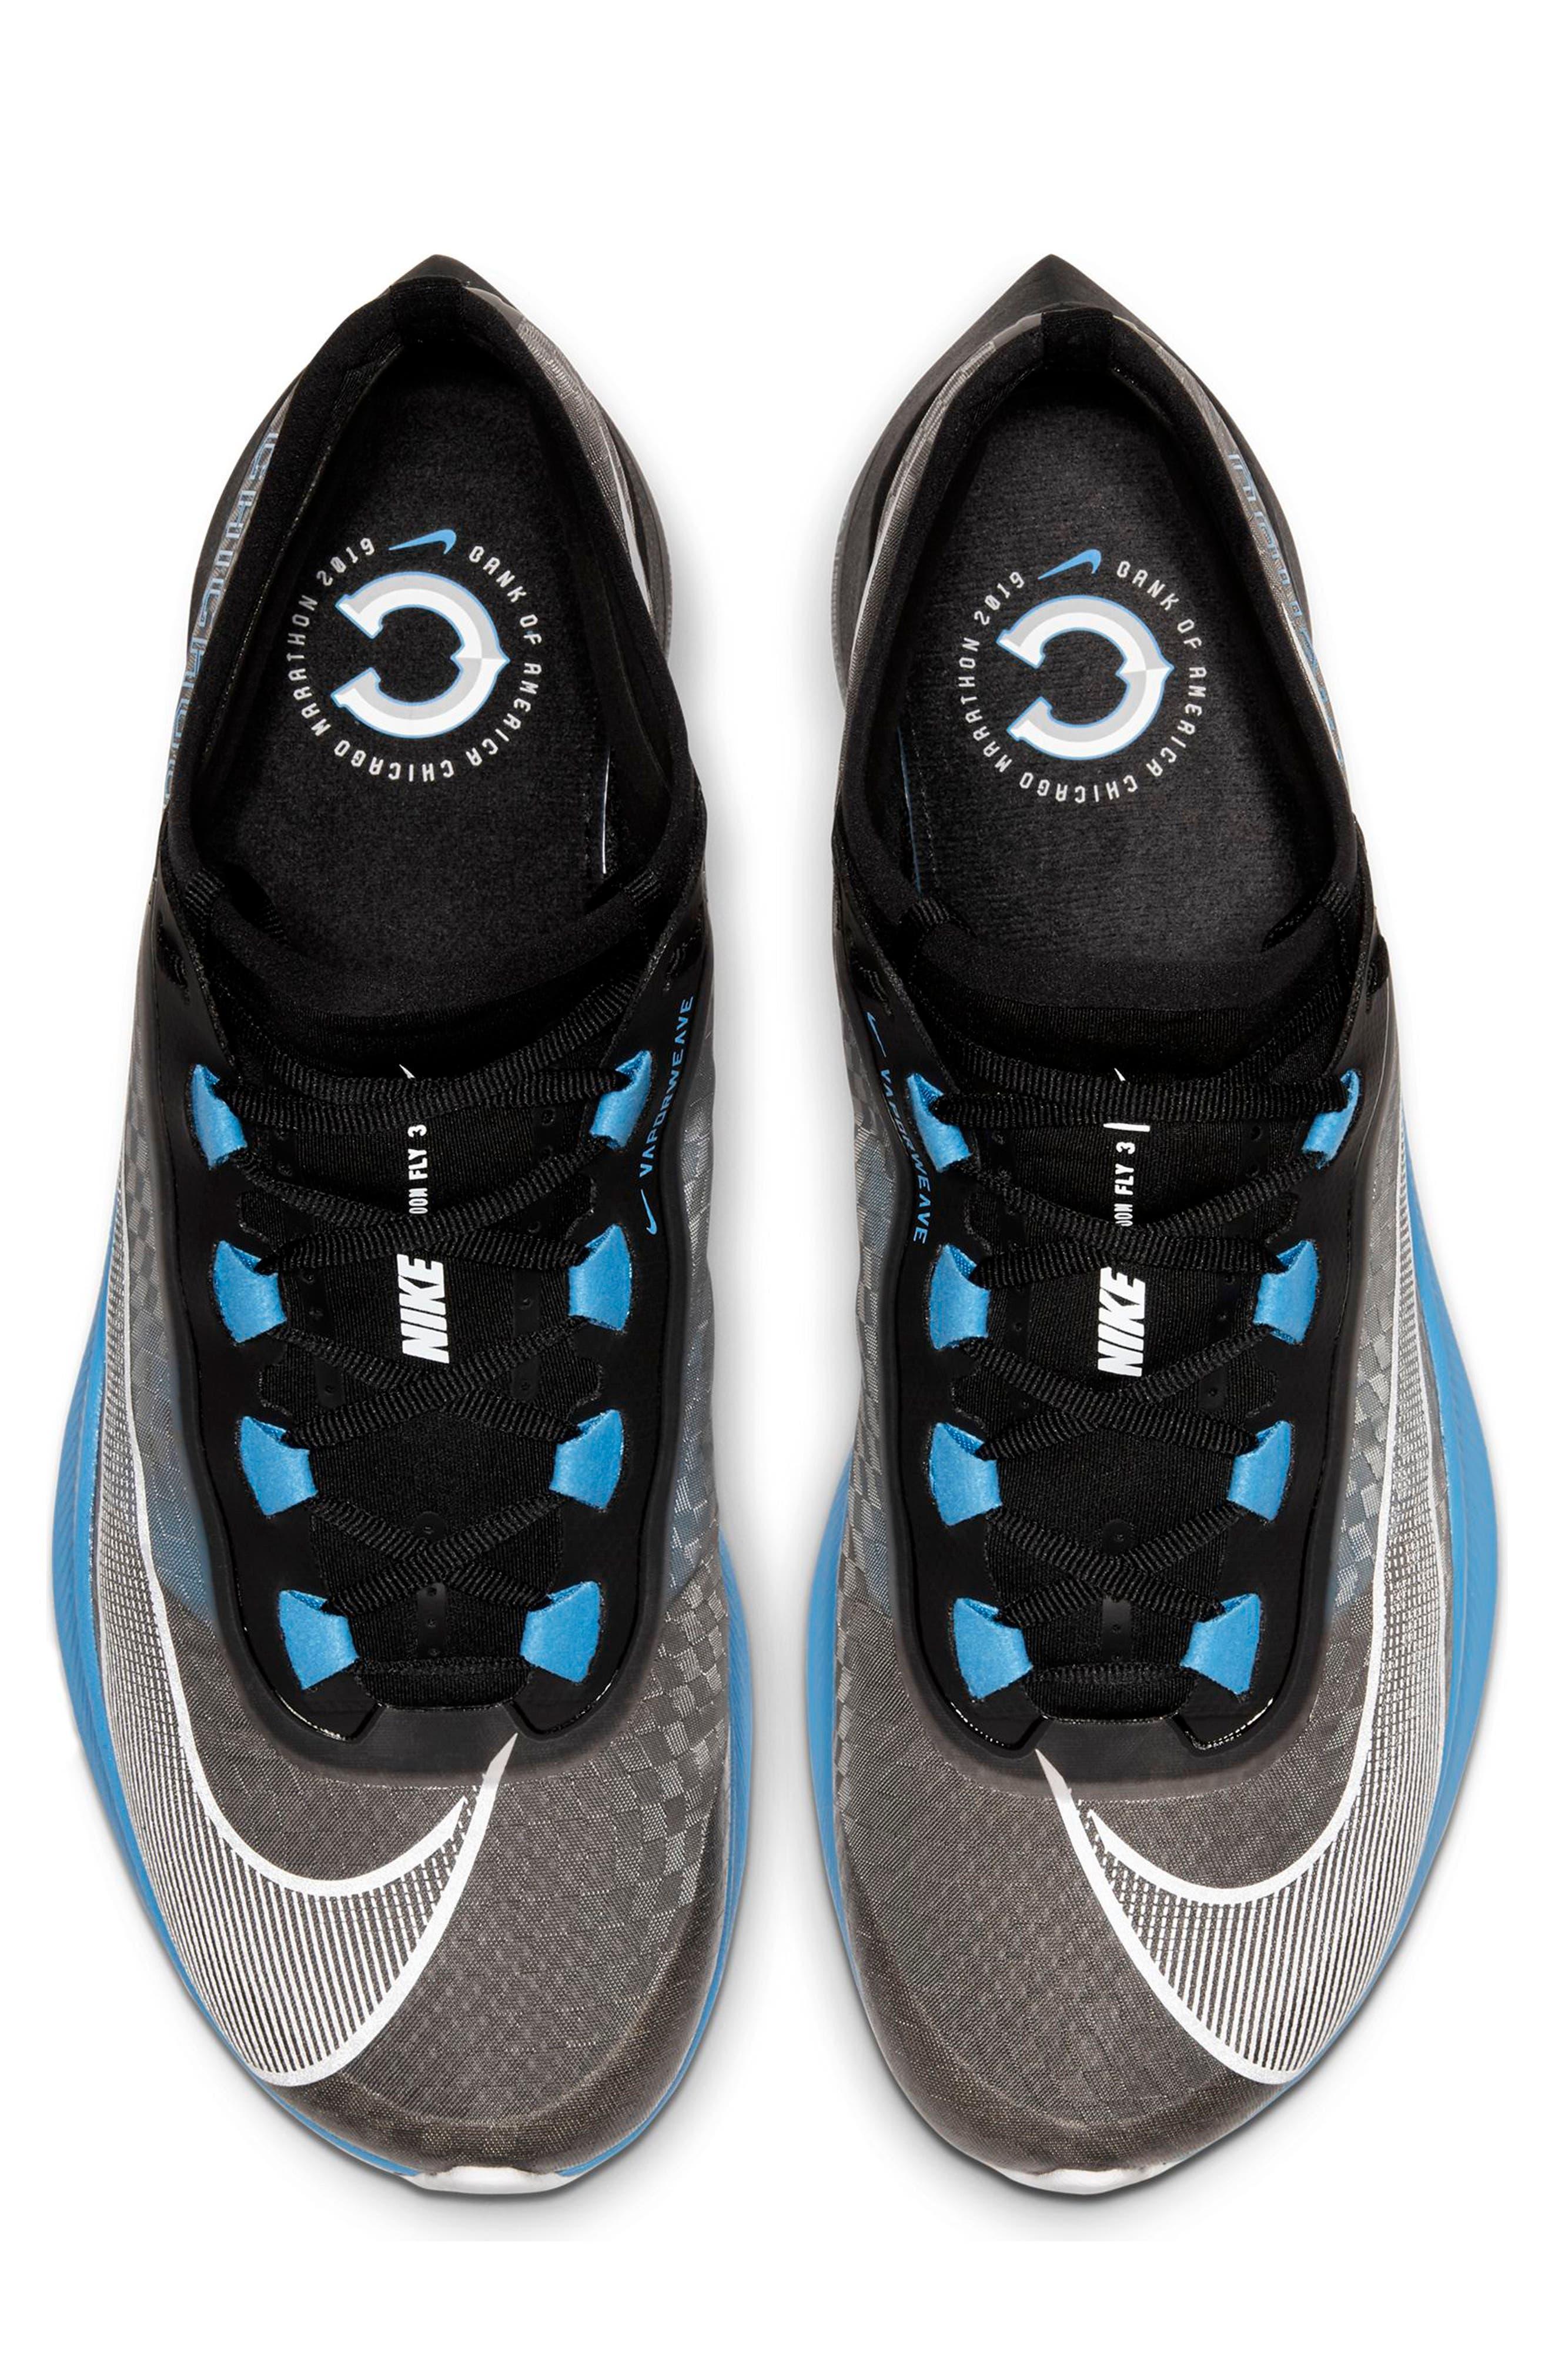 Nike Shoes Zoom Fly 3 Chicago Marathon Running Shoe